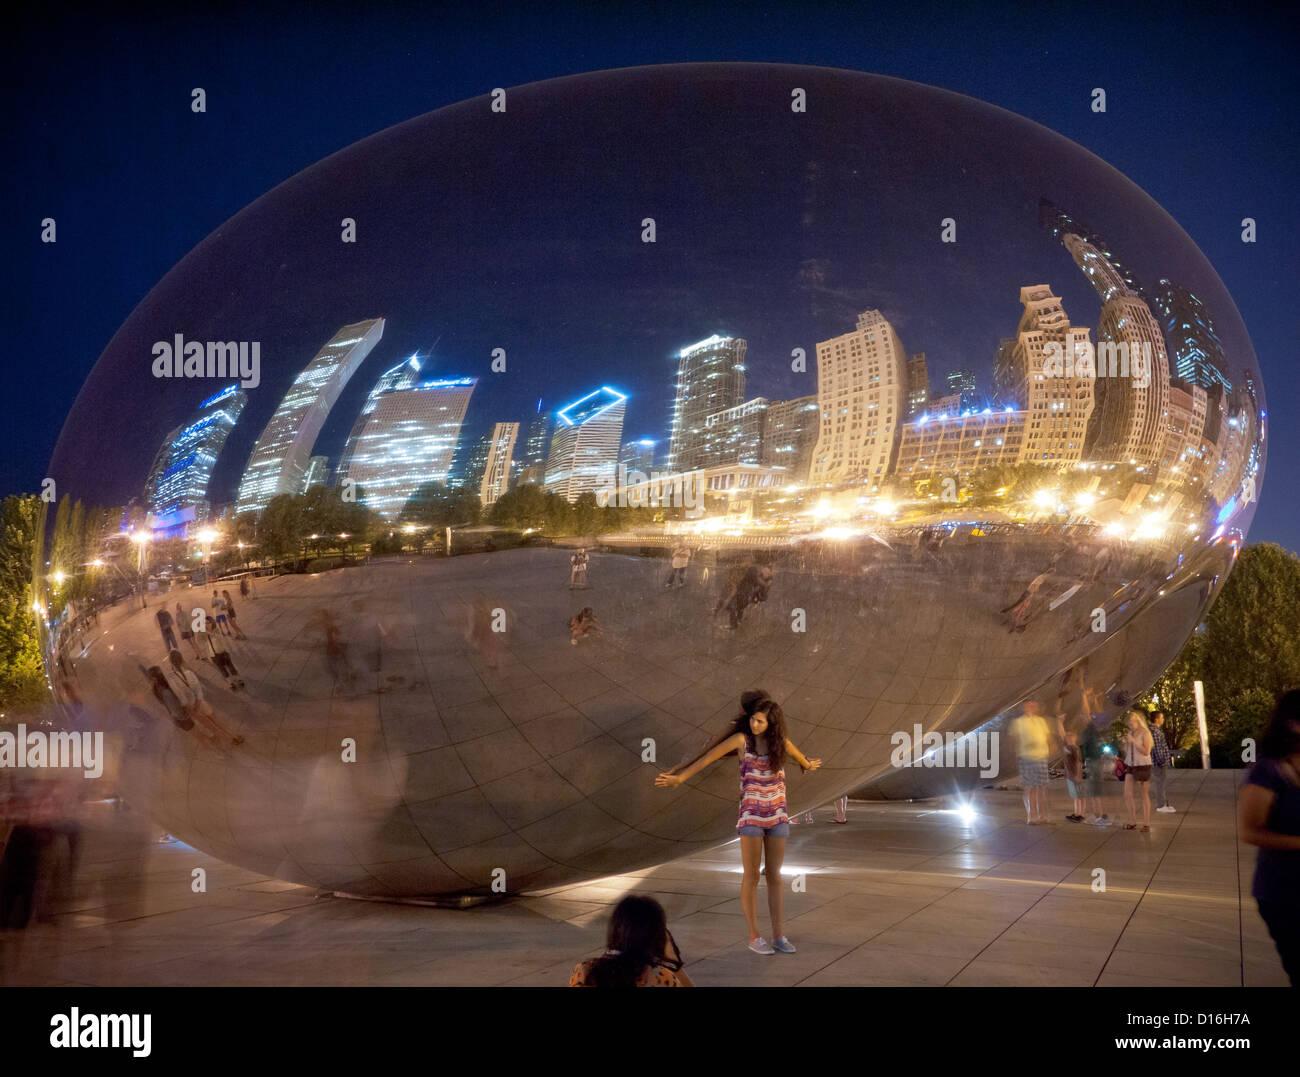 Portant le monde sur le dos. Un joli modèle à Cloud Gate (le Bean) dans la nuit dans le Millennium Park Photo Stock